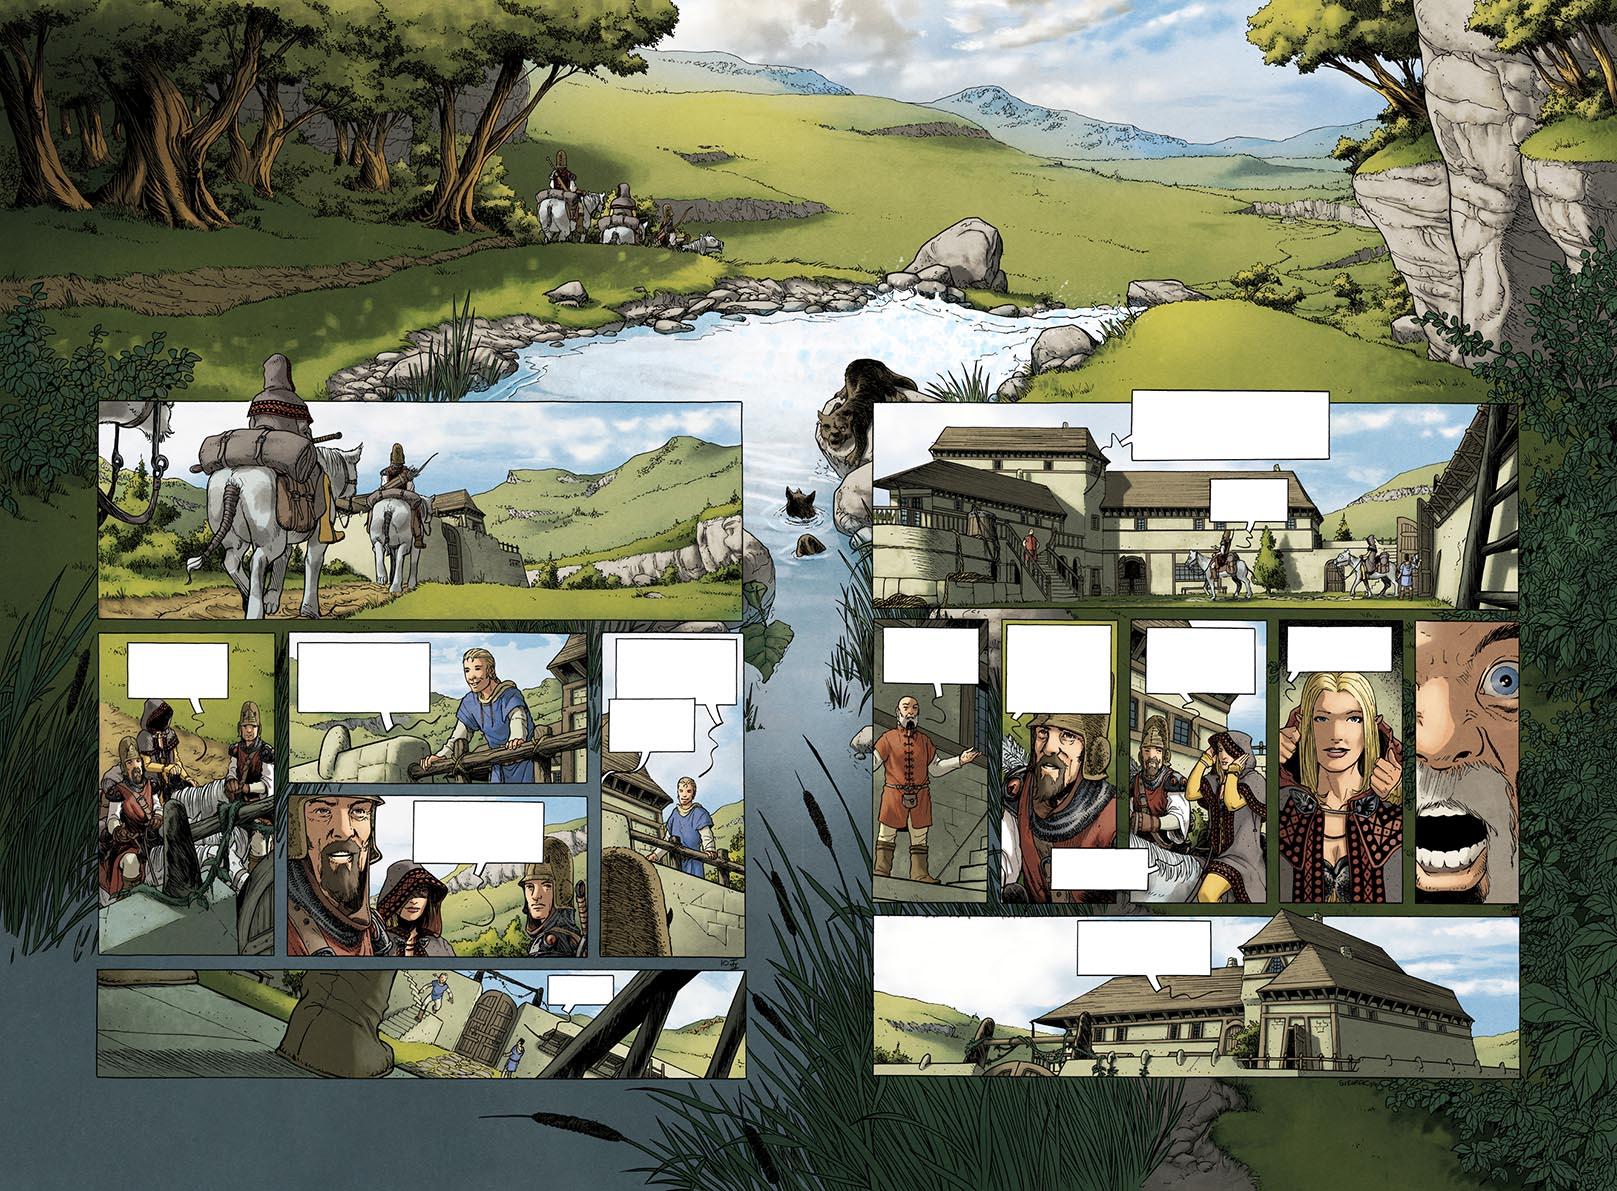 Les prophéties Elween, l'intégrale, planche de l'album © 100bulles / Sieurac